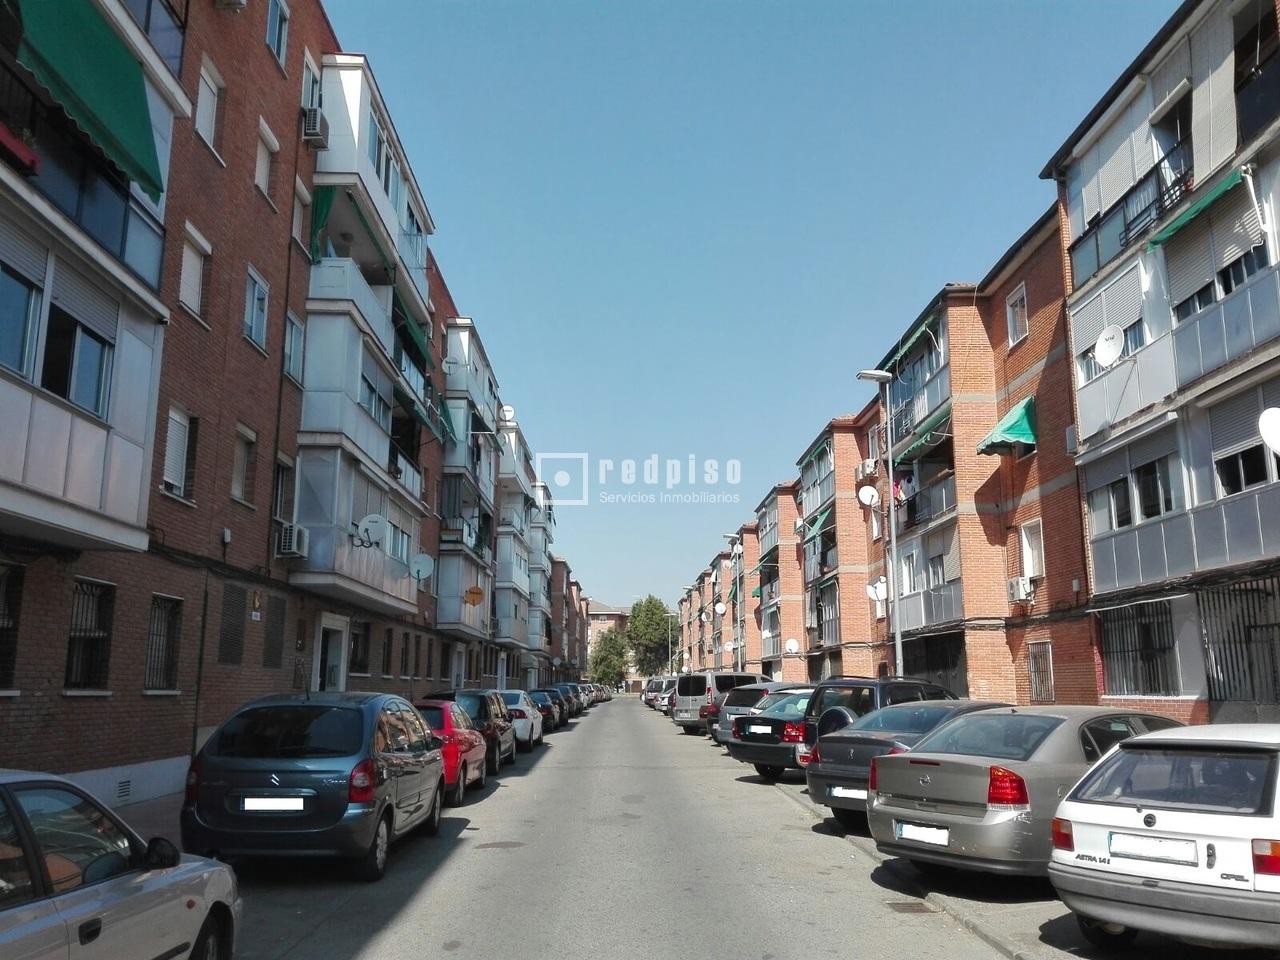 Piso en venta en calle san urbicio reyes cat licos for Pisos en calle alcala madrid